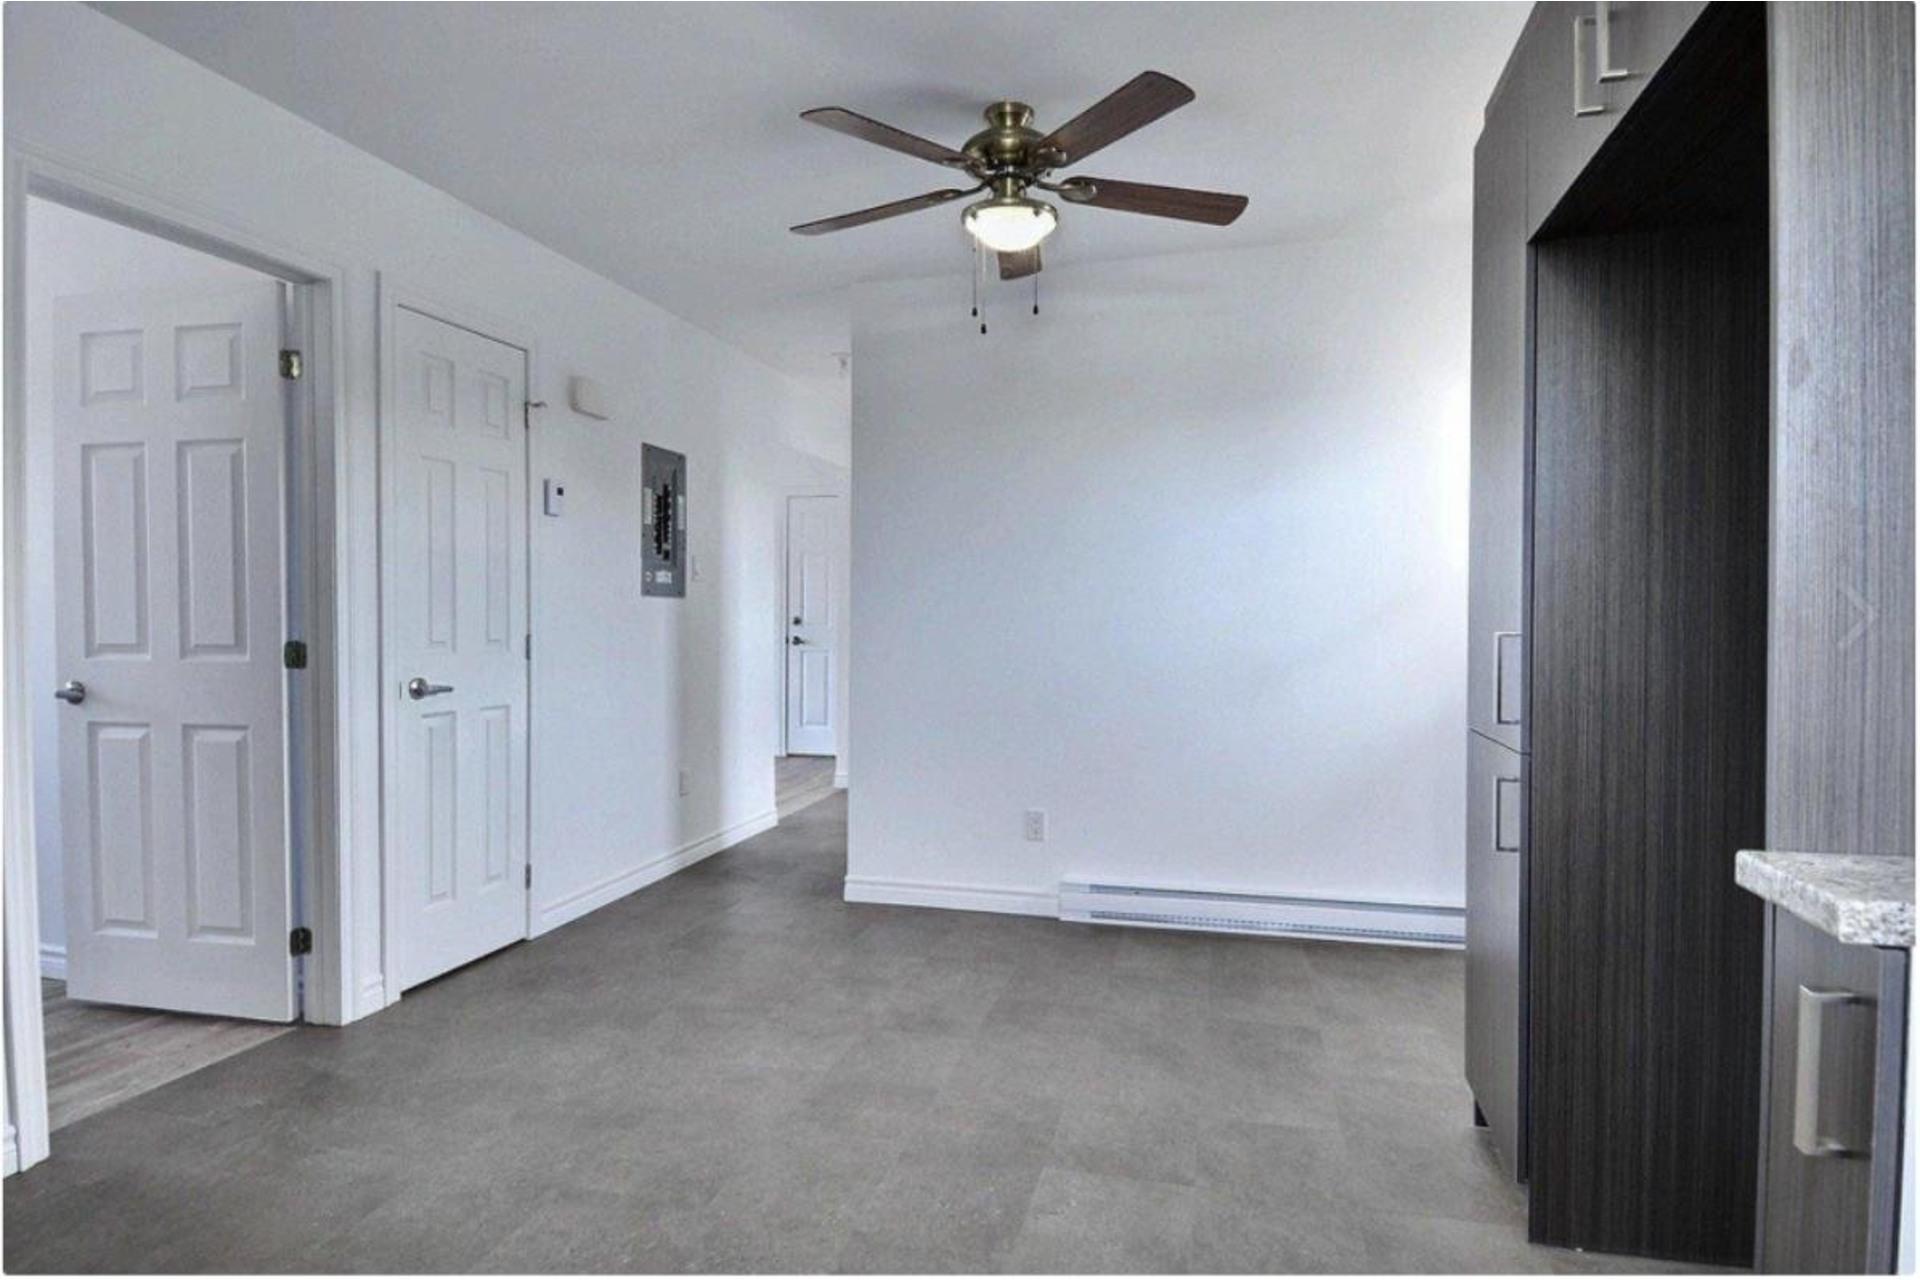 image 4 - Appartement À louer Sorel-Tracy - 5 pièces